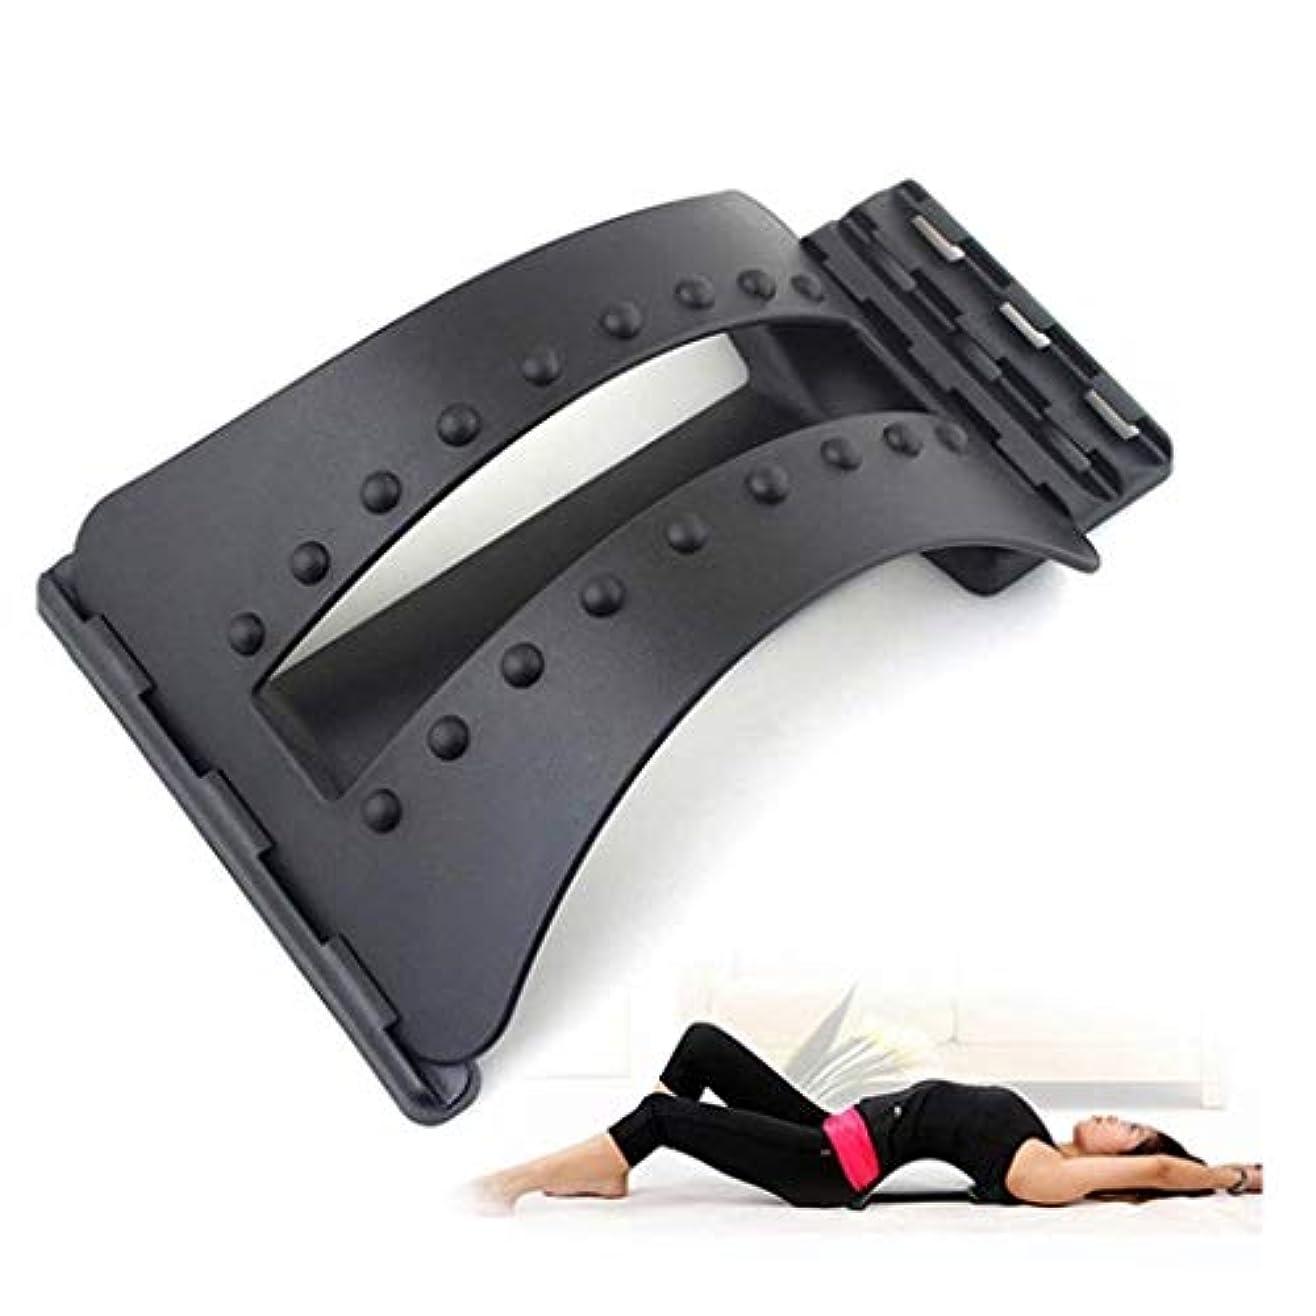 バックマッサージ、マジックバックサポートとストレッチストレッチャーマジックストレッチャーバックストレッチャー腰椎サポートデバイスリラクゼーションパートナー脊椎の痛みを軽減する脊椎マッサージ療法